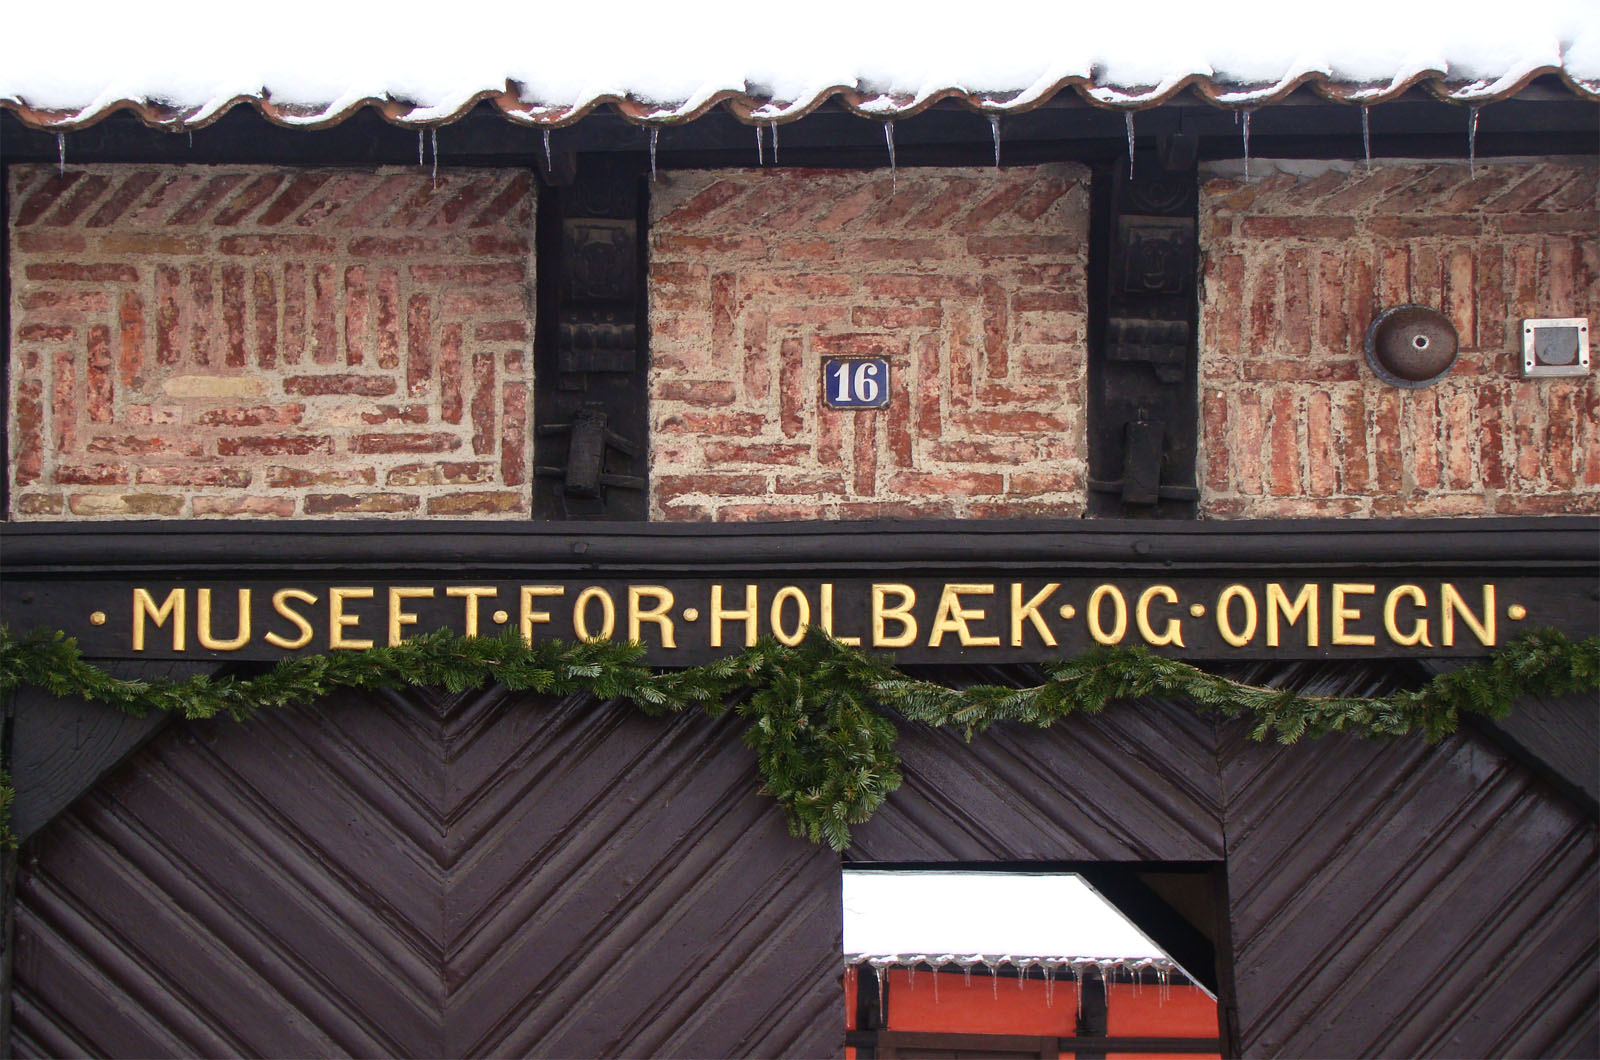 holbaek-museum-2